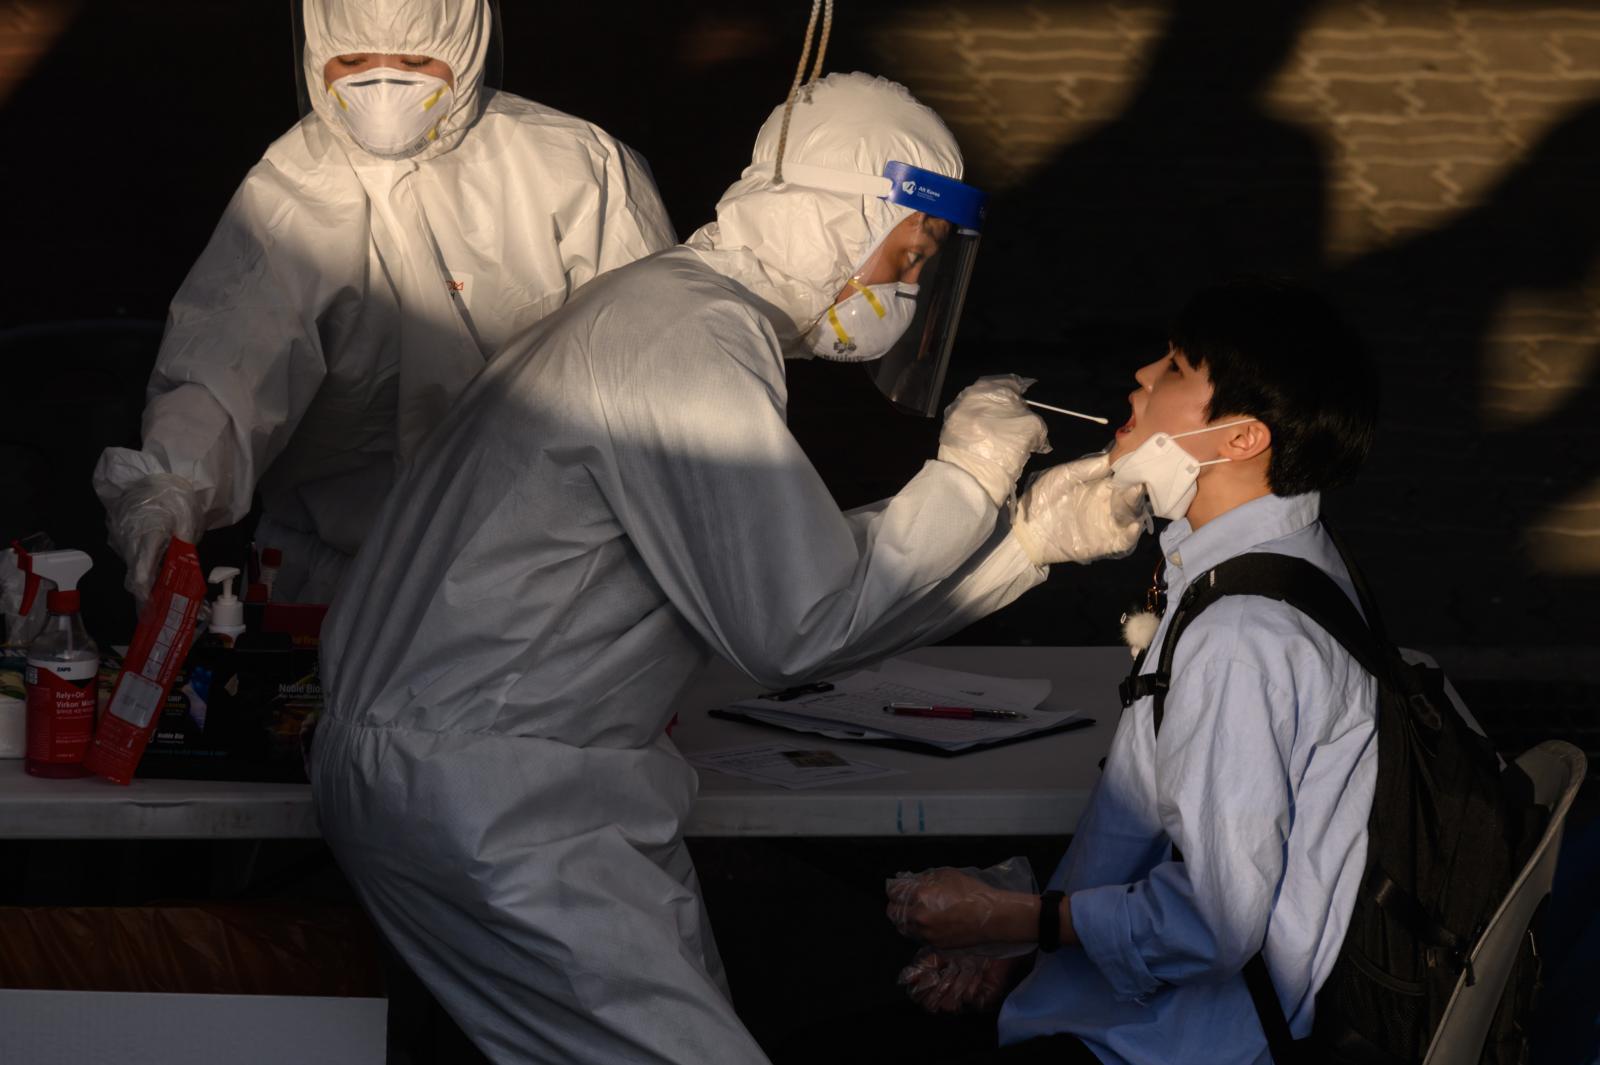 ผู้ป่วยโควิด-19 ในเกาหลีใต้รายใหม่เพิ่มสูงขึ้นมากสุดในรอบ 2 เดือน